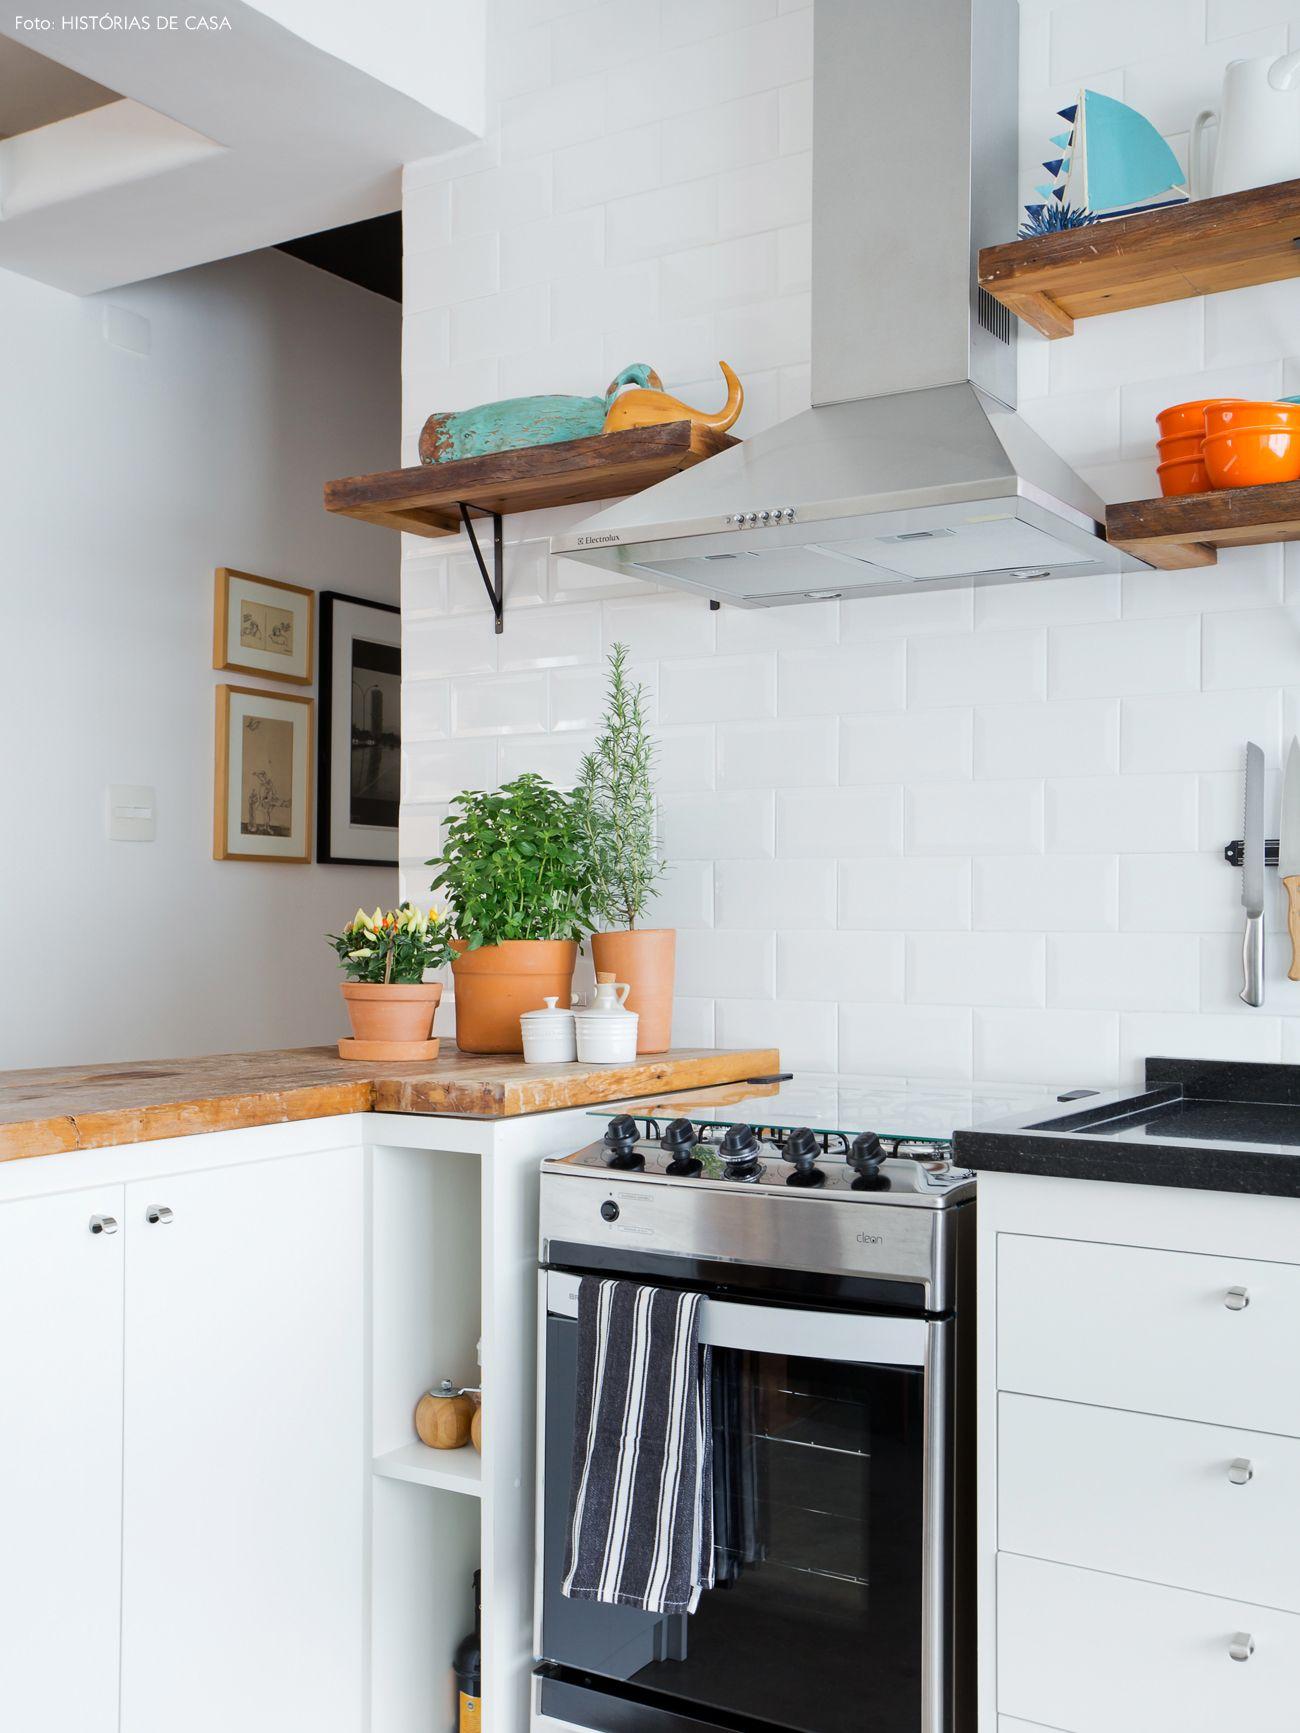 Eterno Navegante Cozinhas Domesticas Designs De Cozinha